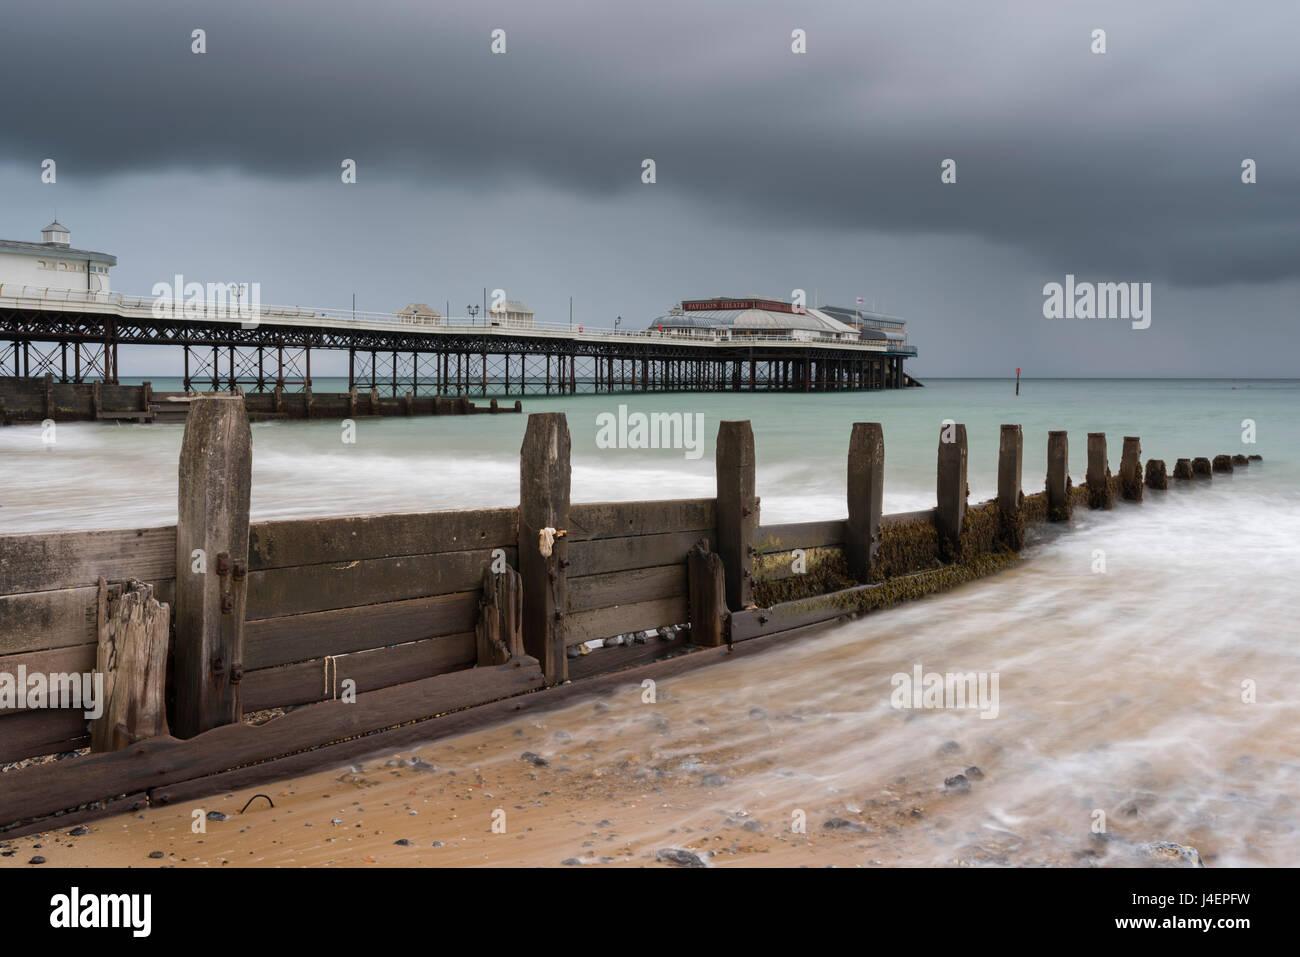 Gewitterhimmel über den Strand und Pier in Cromer, Norfolk, England, Vereinigtes Königreich, Europa Stockbild